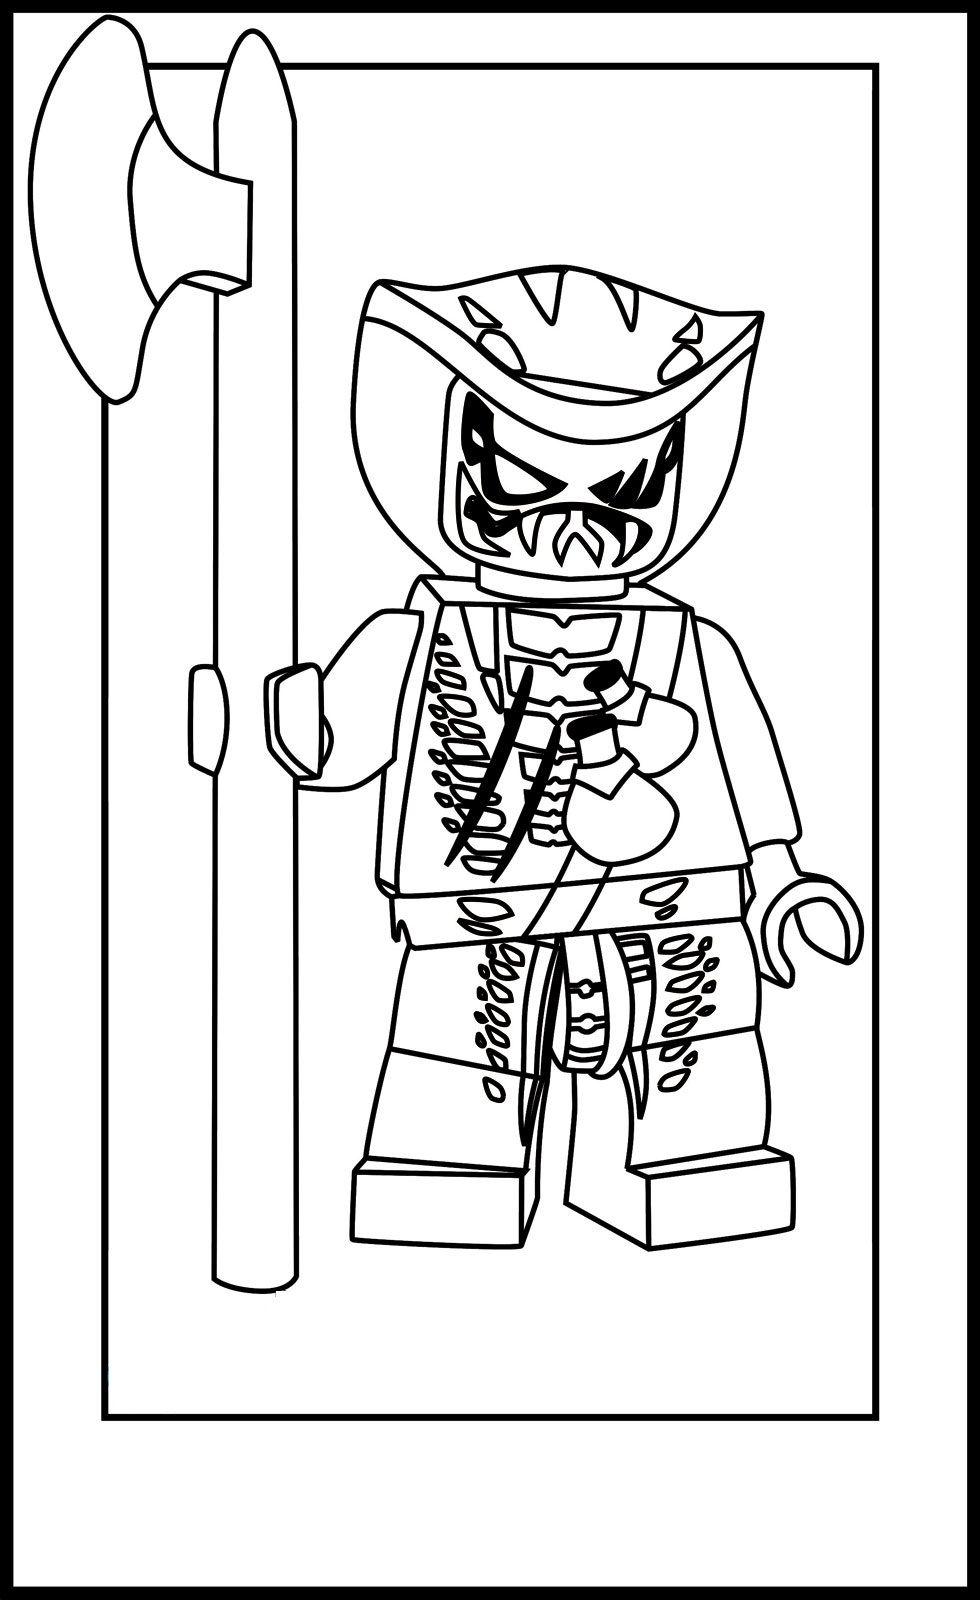 lego ninjago printables lego ninjago pythor coloring pages top free printable ninjago printables lego